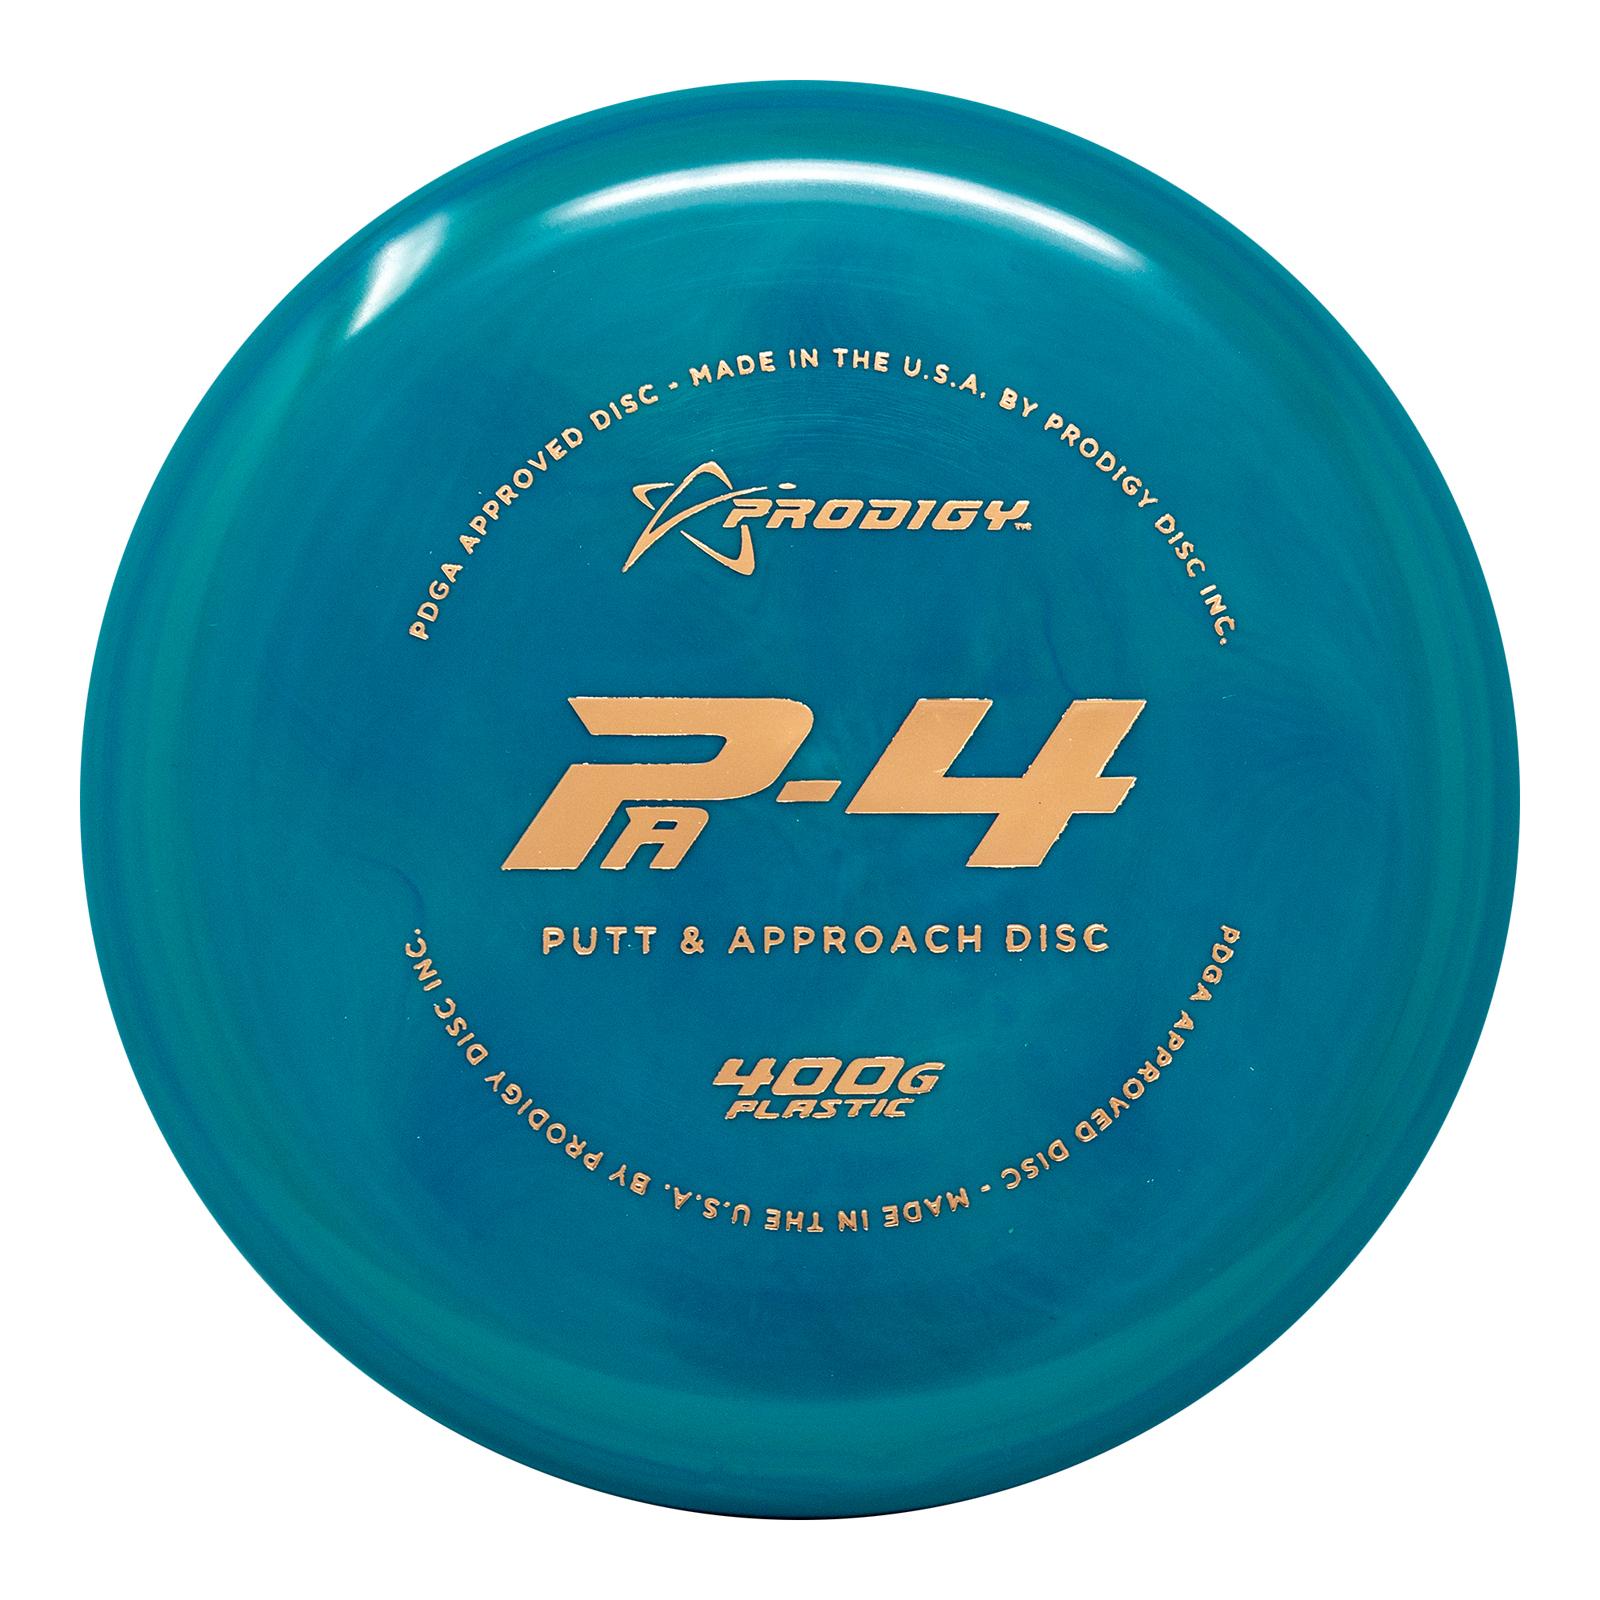 PA-4 - 400G PLASTIC